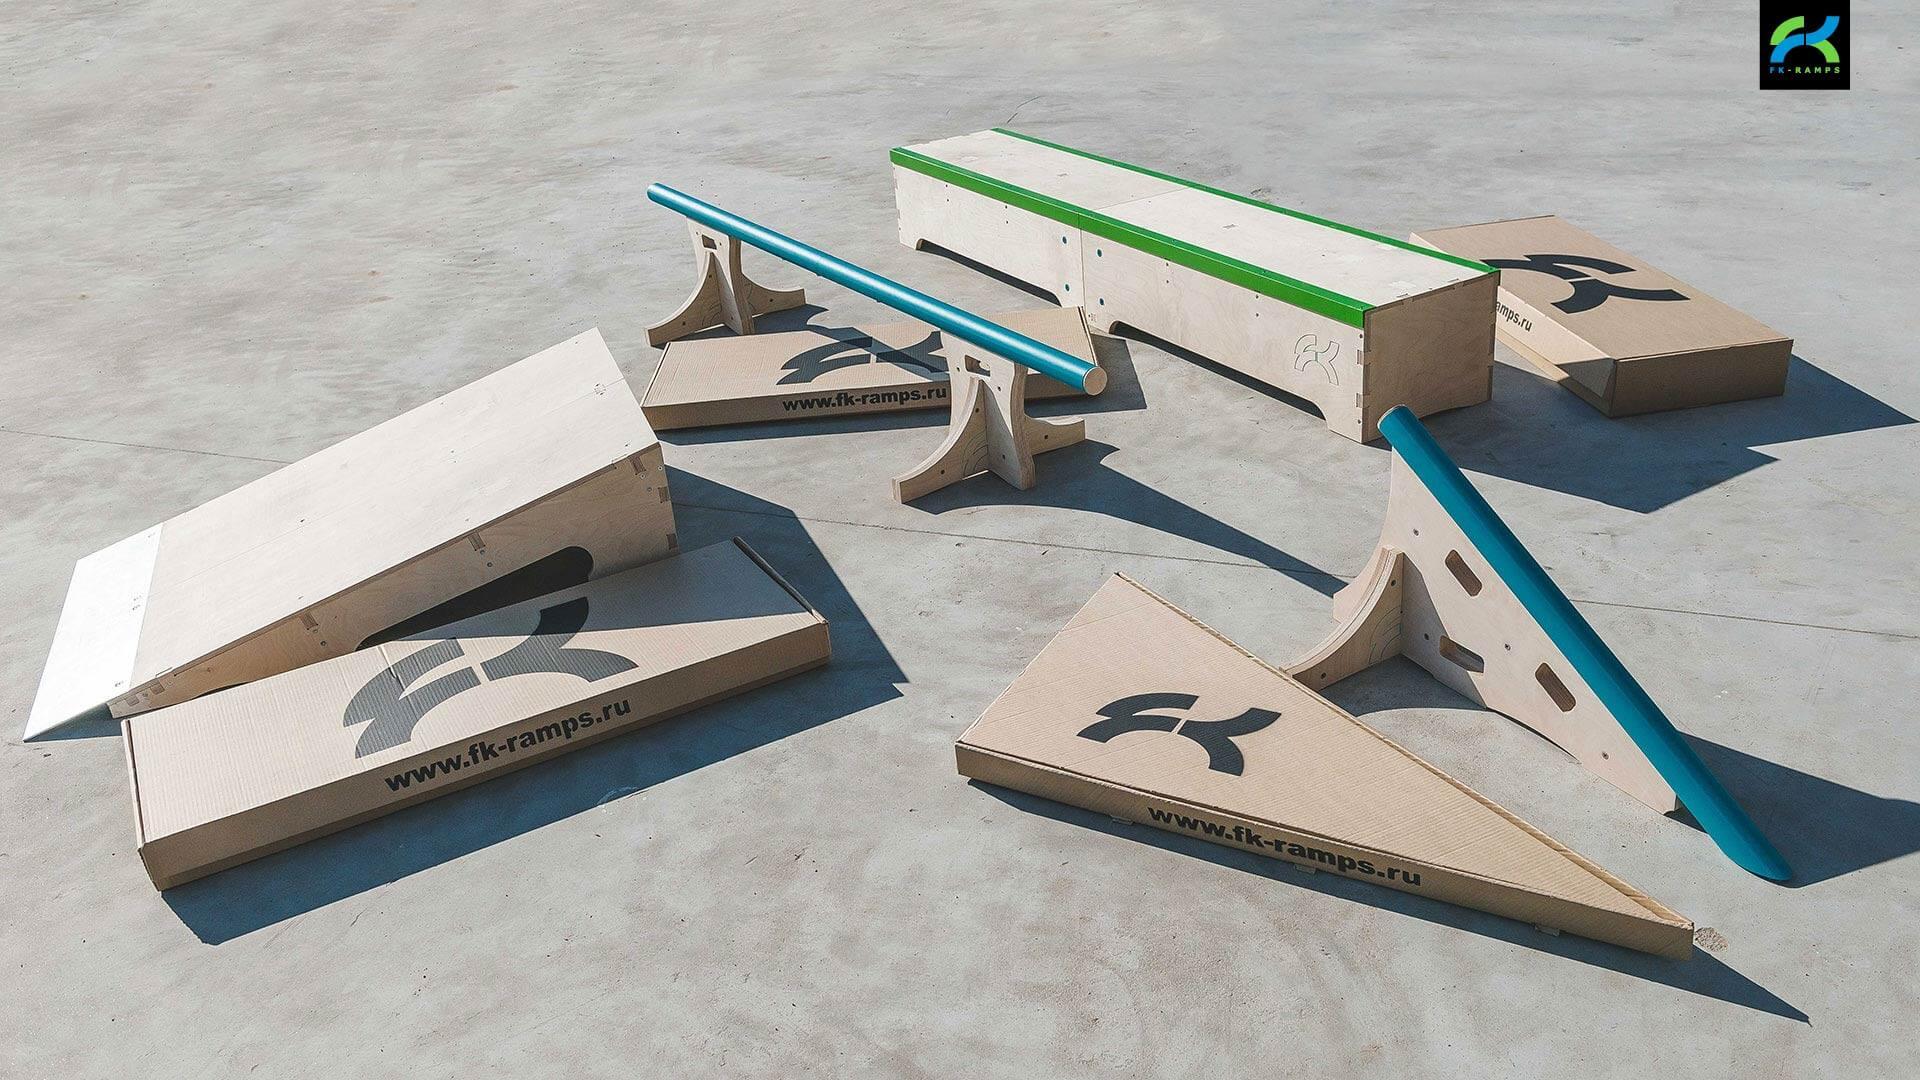 Набор для катания на скейте - FK-ramps